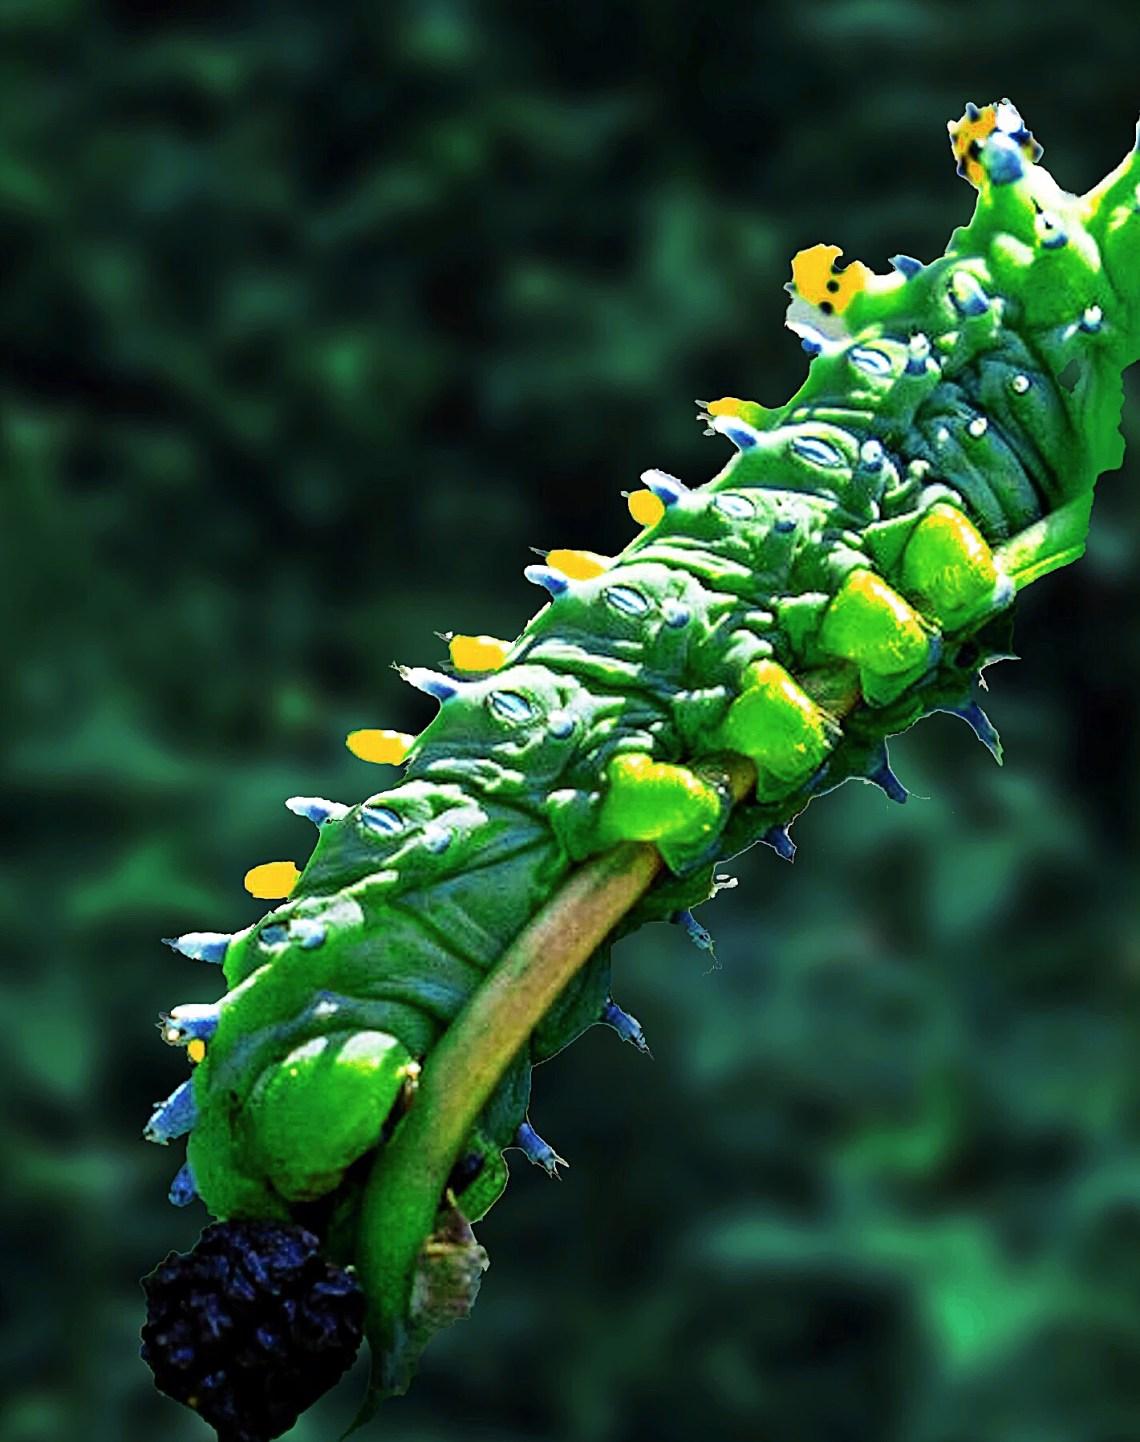 Cecropia caterpillar eating its skin.